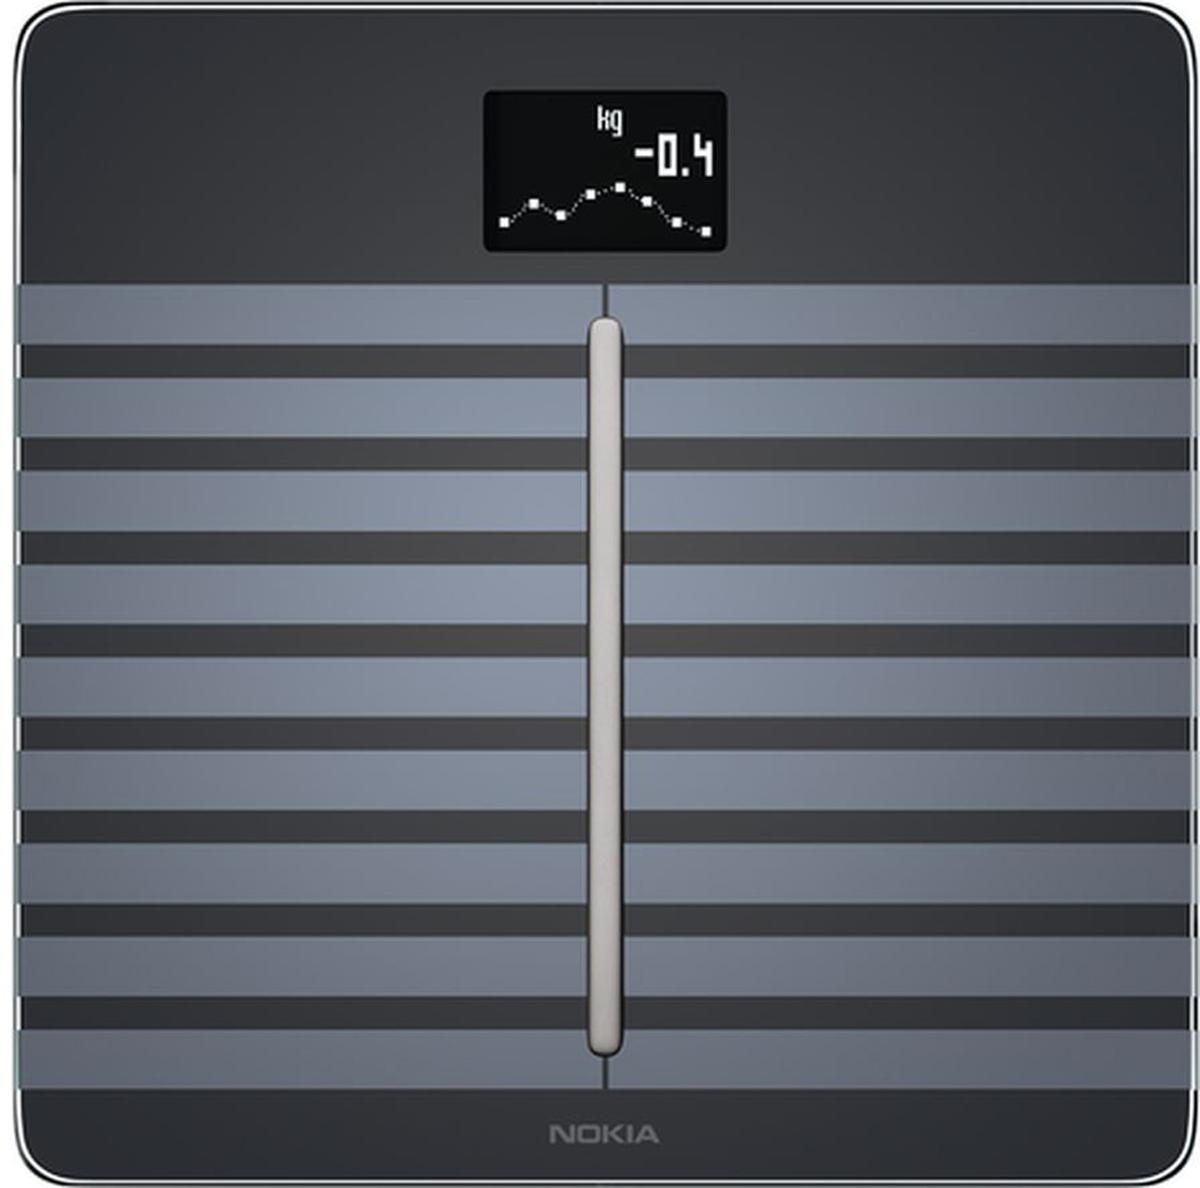 Nokia Body Cardio, Black весы напольные70234103Получите полную картину своего здоровья всего за один шаг: Nokia Body Cardio очень точно измерит массу тела, BMI, состав тела (жир, мышечная масса, вода и костная масса) и частоту сердечных сокращений.Body Cardio измеряет скорость пульсовой волны, признанную медицинским сообществом как лучший автономный показатель общего сердечно-сосудистого здоровья. Получите показания на экране весов и найдите подробную оценку в приложении Health Mate, а также советы по ее улучшению. Независимо от вашей физподготовки, вы сможете четко видеть, как небольшие изменения в образе жизни могут оказать влияние на улучшение здоровья ваших артерий.Люди, установившие цель в приложении, теряют в два раза больше веса. Вы устанавливаете цель, а Health Mate поможет вам ее достичь. Каждое взвешивание отображается в приложении Health Mate автоматически, через Wi-Fi или Bluetooth.